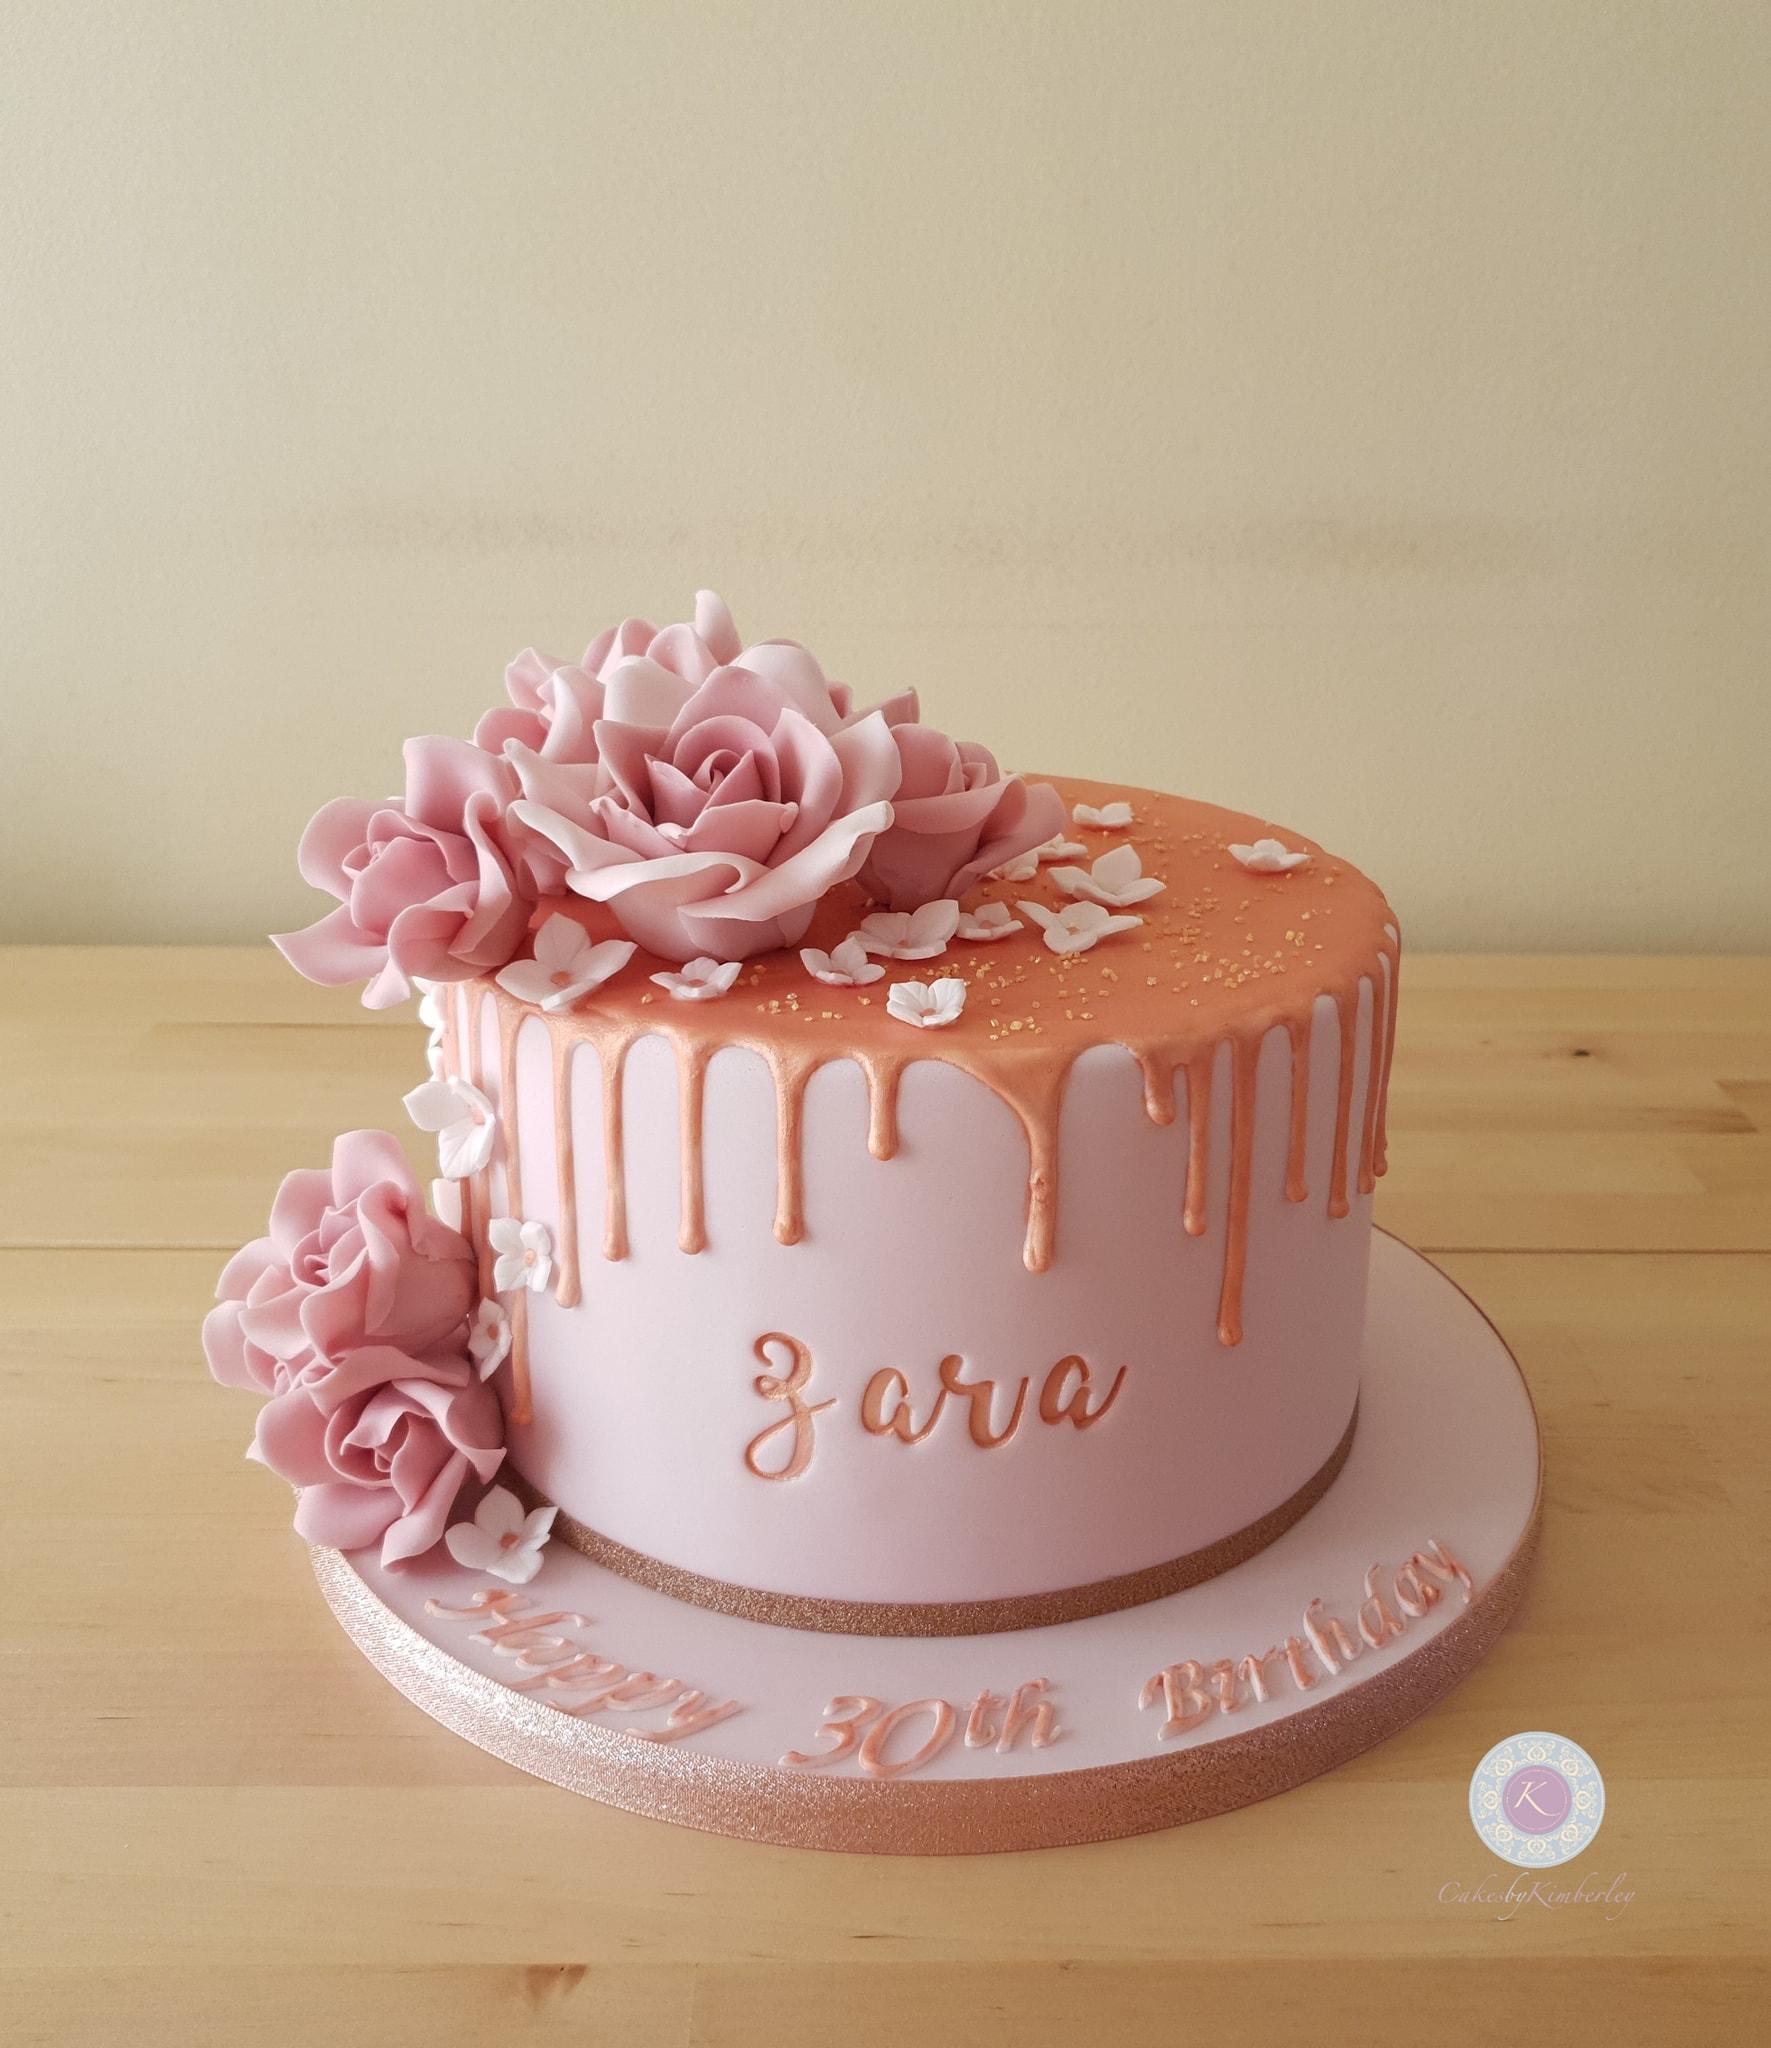 Rose gold - Zara